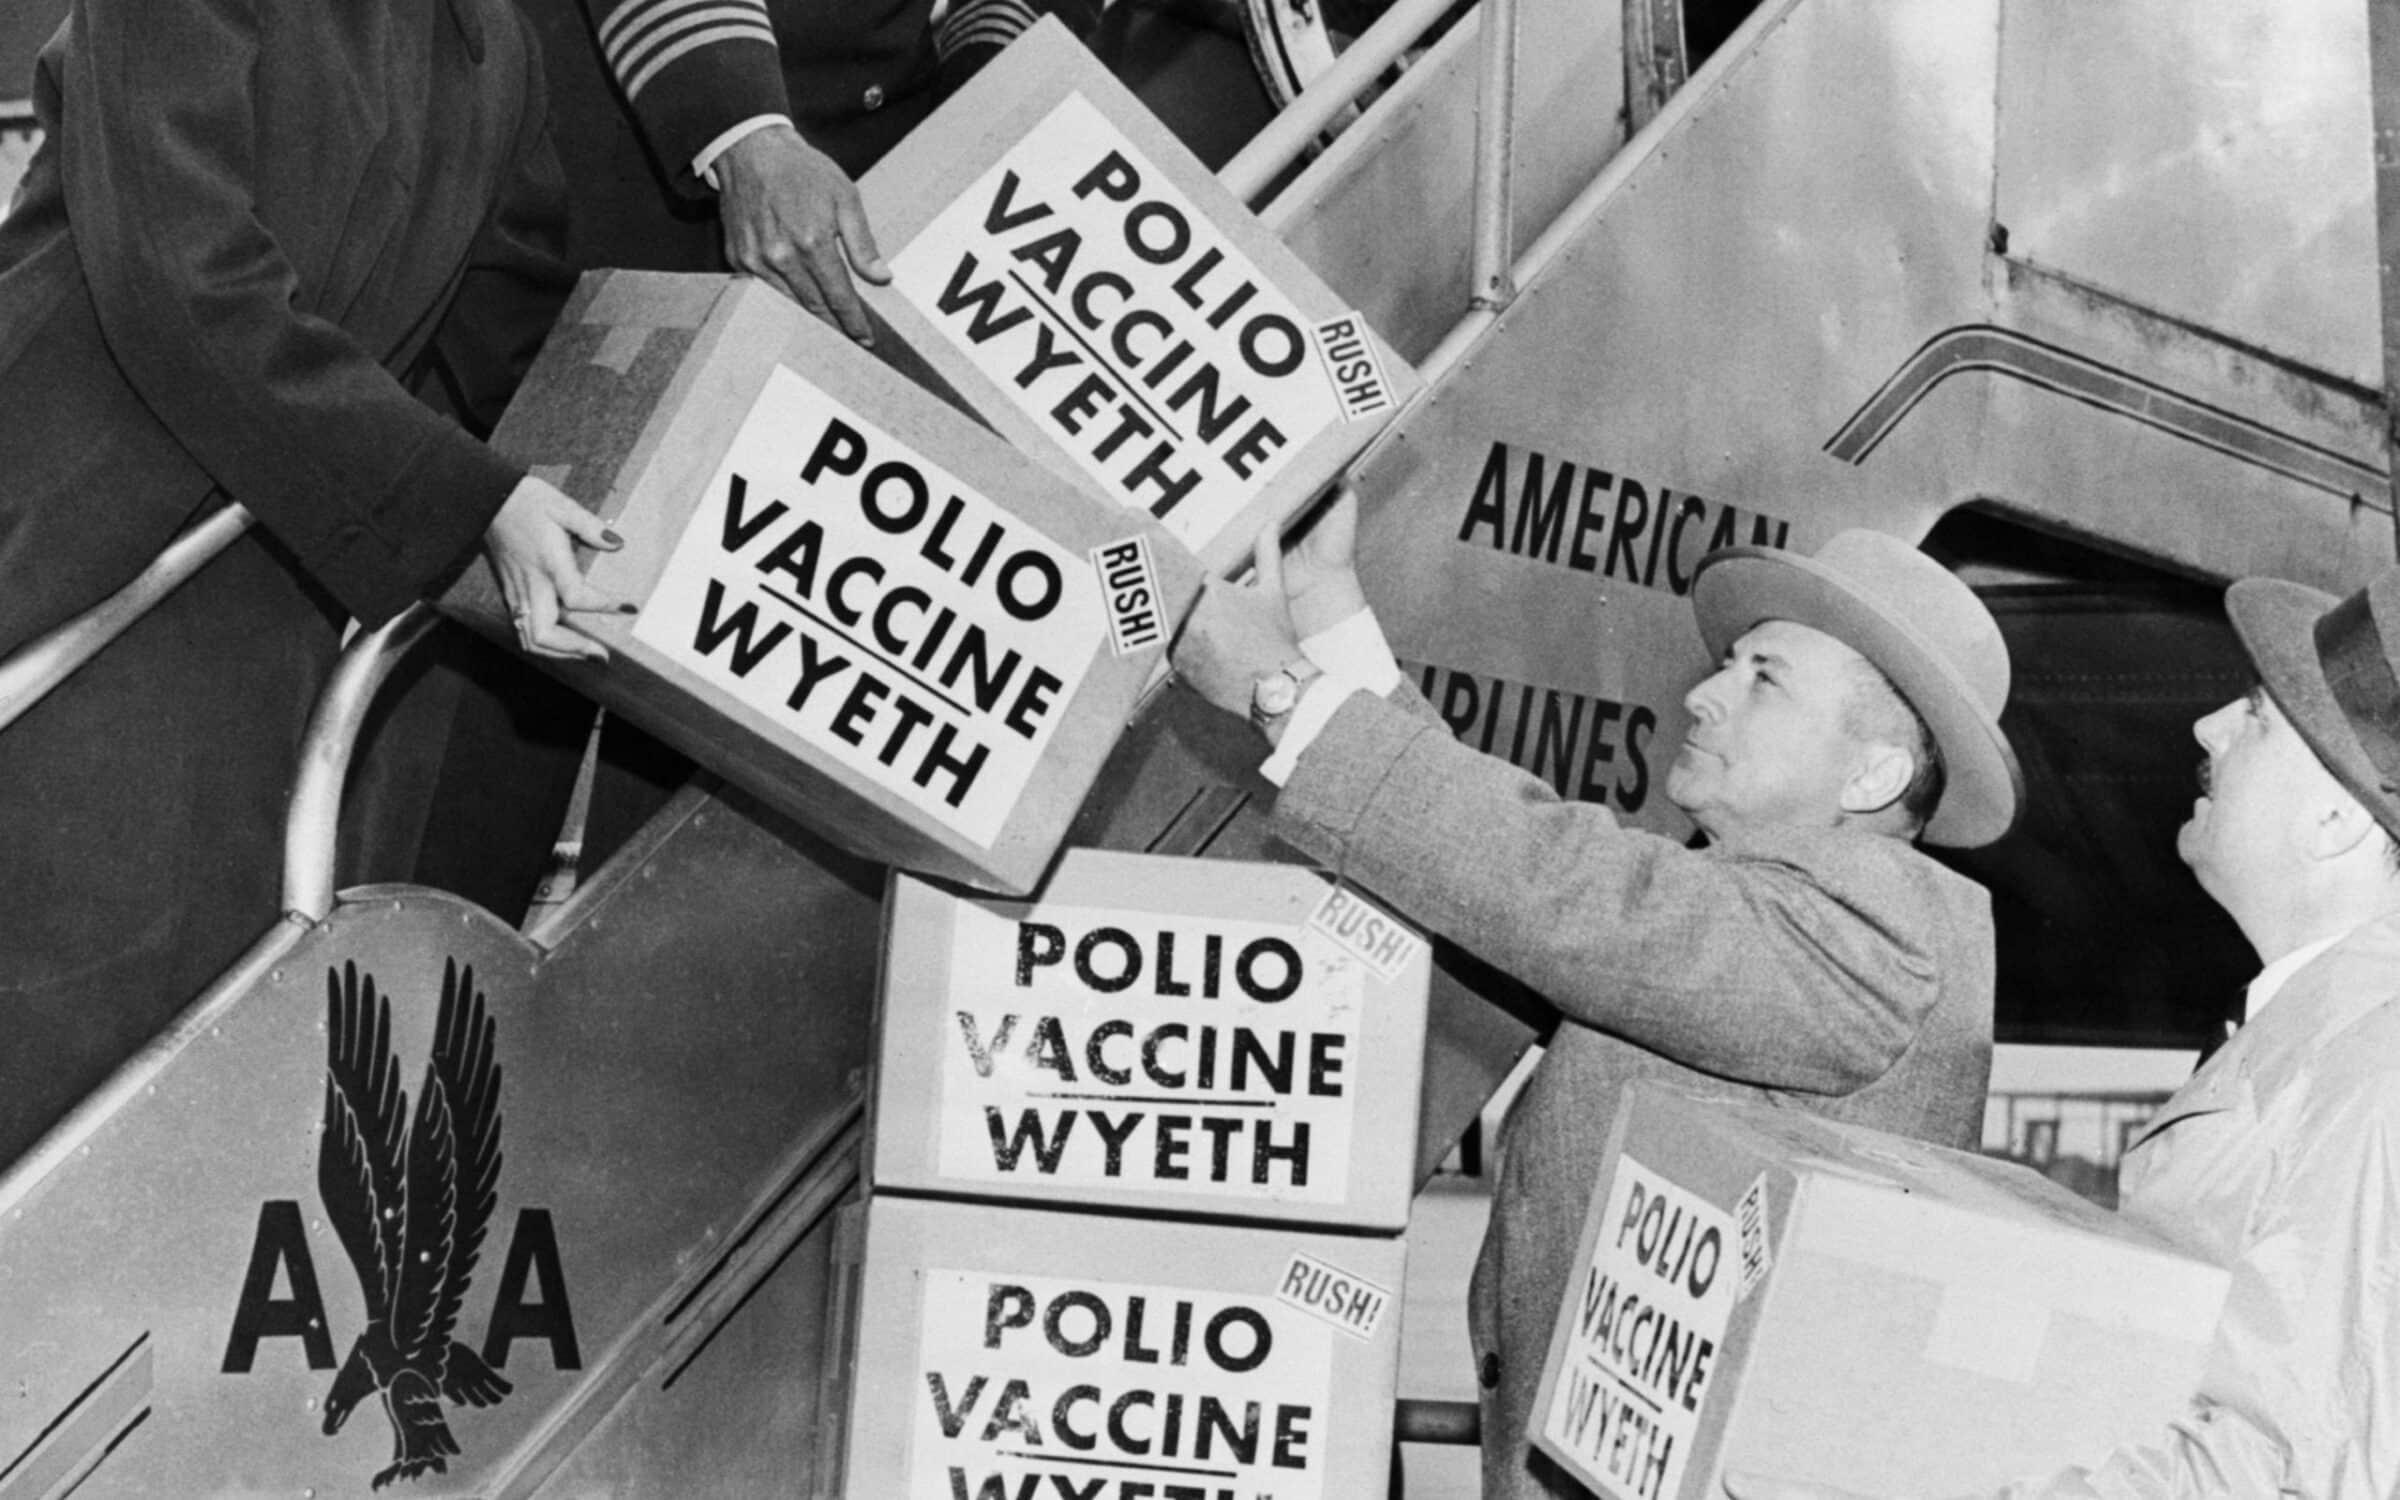 Vaccino antipolio, oggi si celebrano i 65 anni dalla sua immissione al pubblico: la sua inoculazione ha eradicato la poliomielite tipo 2